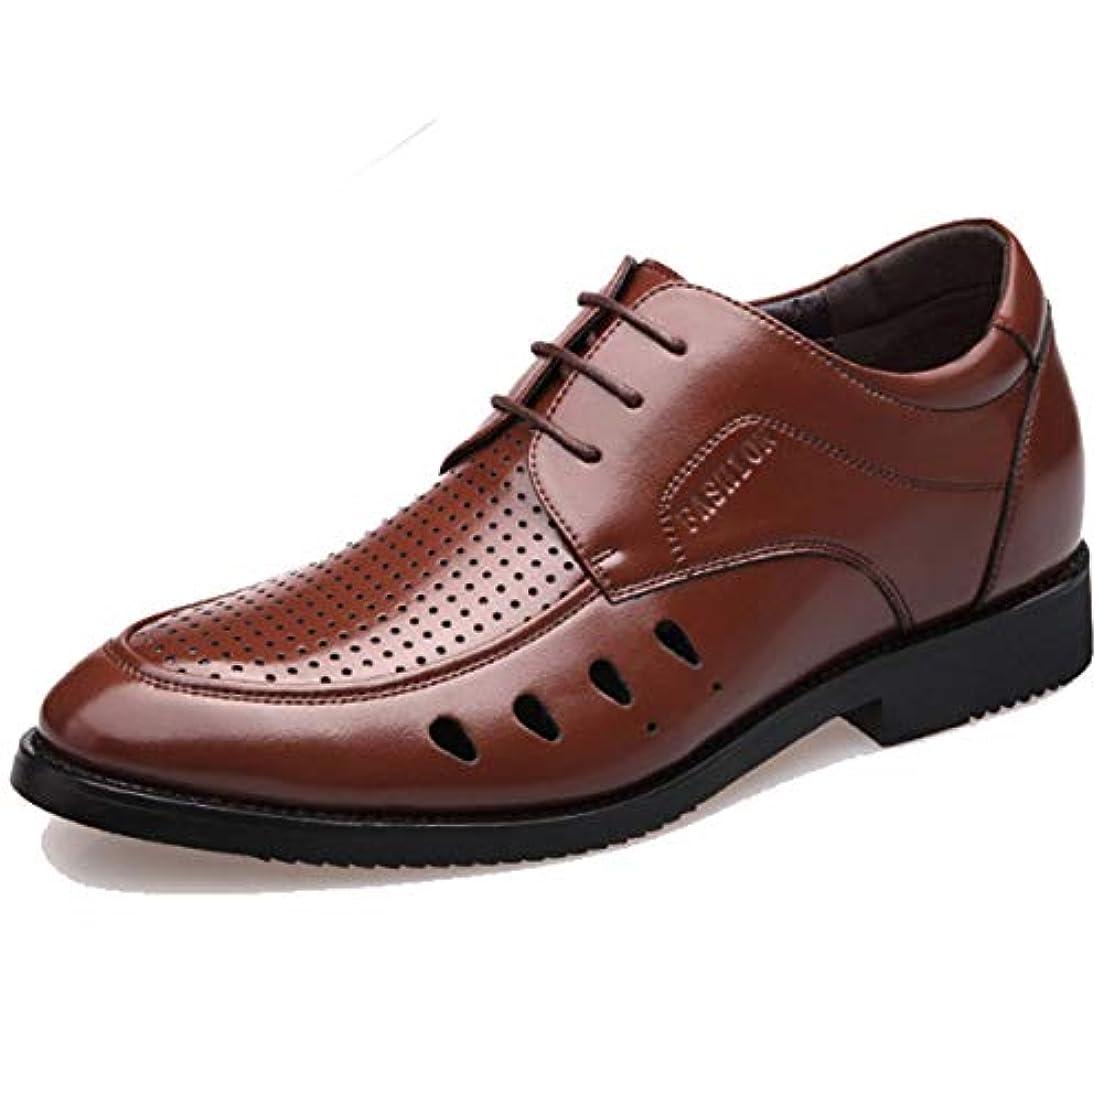 伝染性の比率ベッド[ロムリゲン] Romlegen ビジネスシューズ 紳士靴 革靴 メンズ 通気性抜群 空気循環 消臭 軽量 滑り止め 快適性 夏 幅広 柔らかい 涼しい 外羽根 履きやすい 高品質 衝撃吸収 冠婚葬祭 通勤